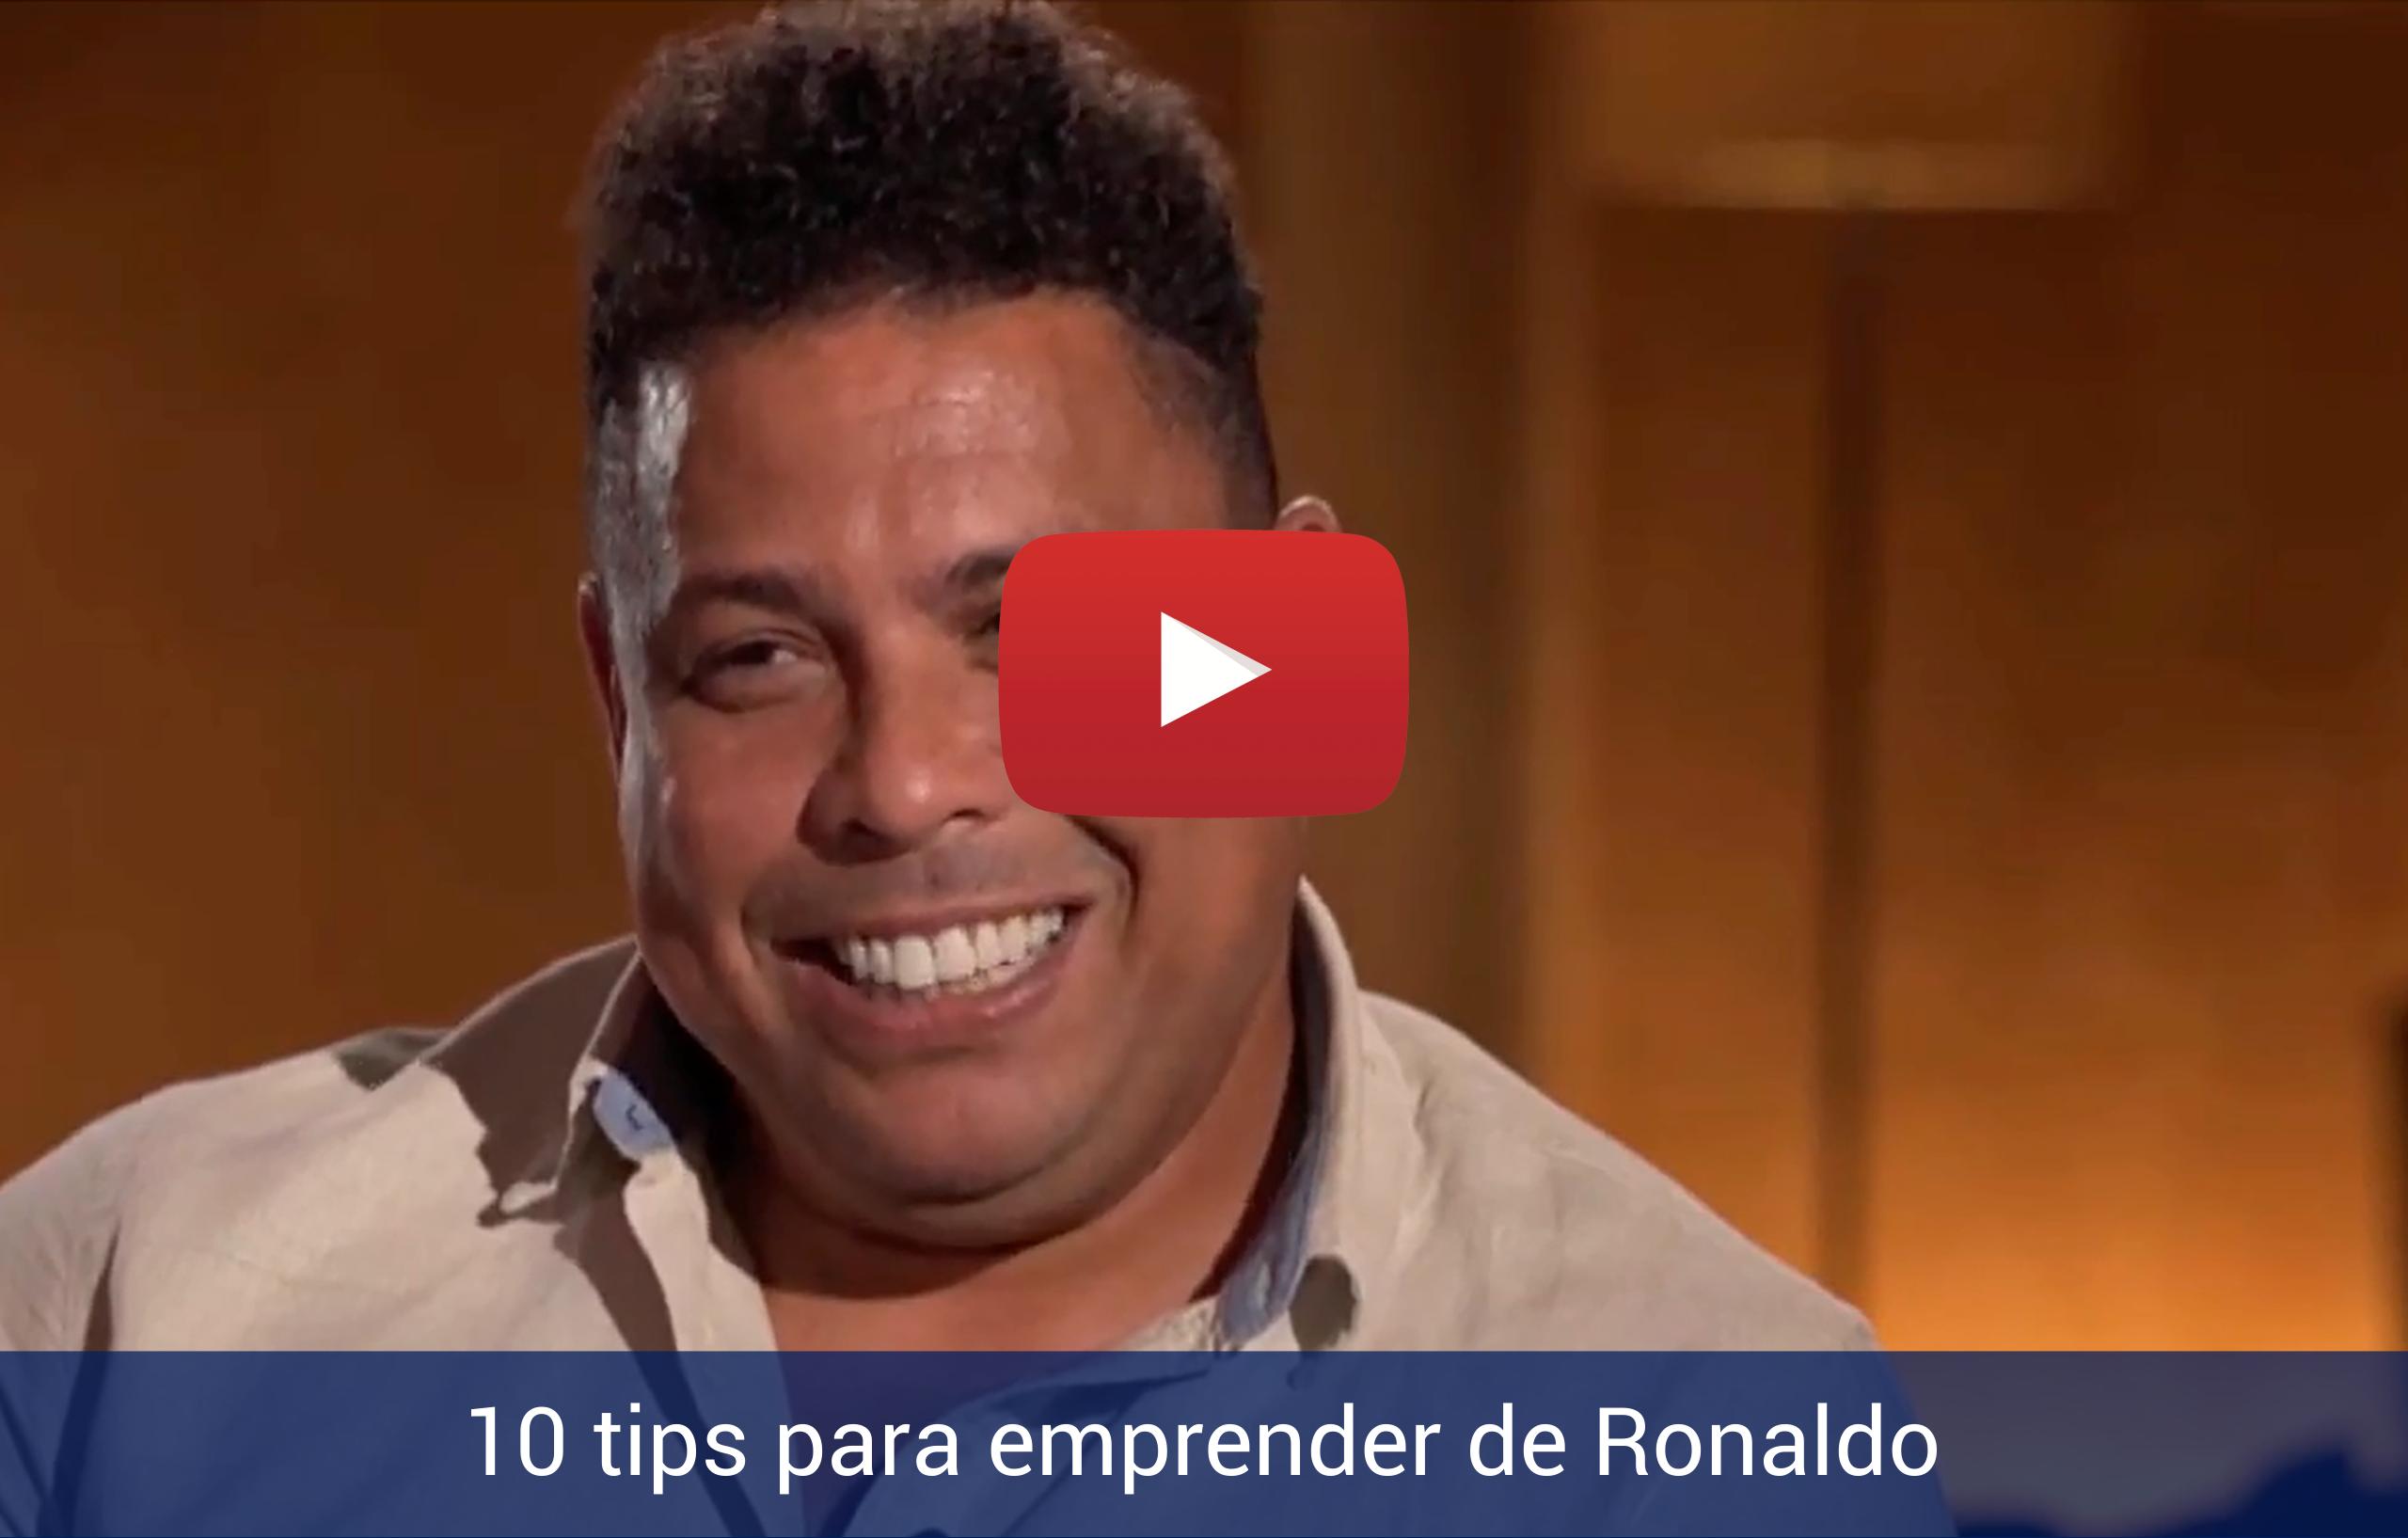 Tips de Ronaldo para emprender - AEI Business School